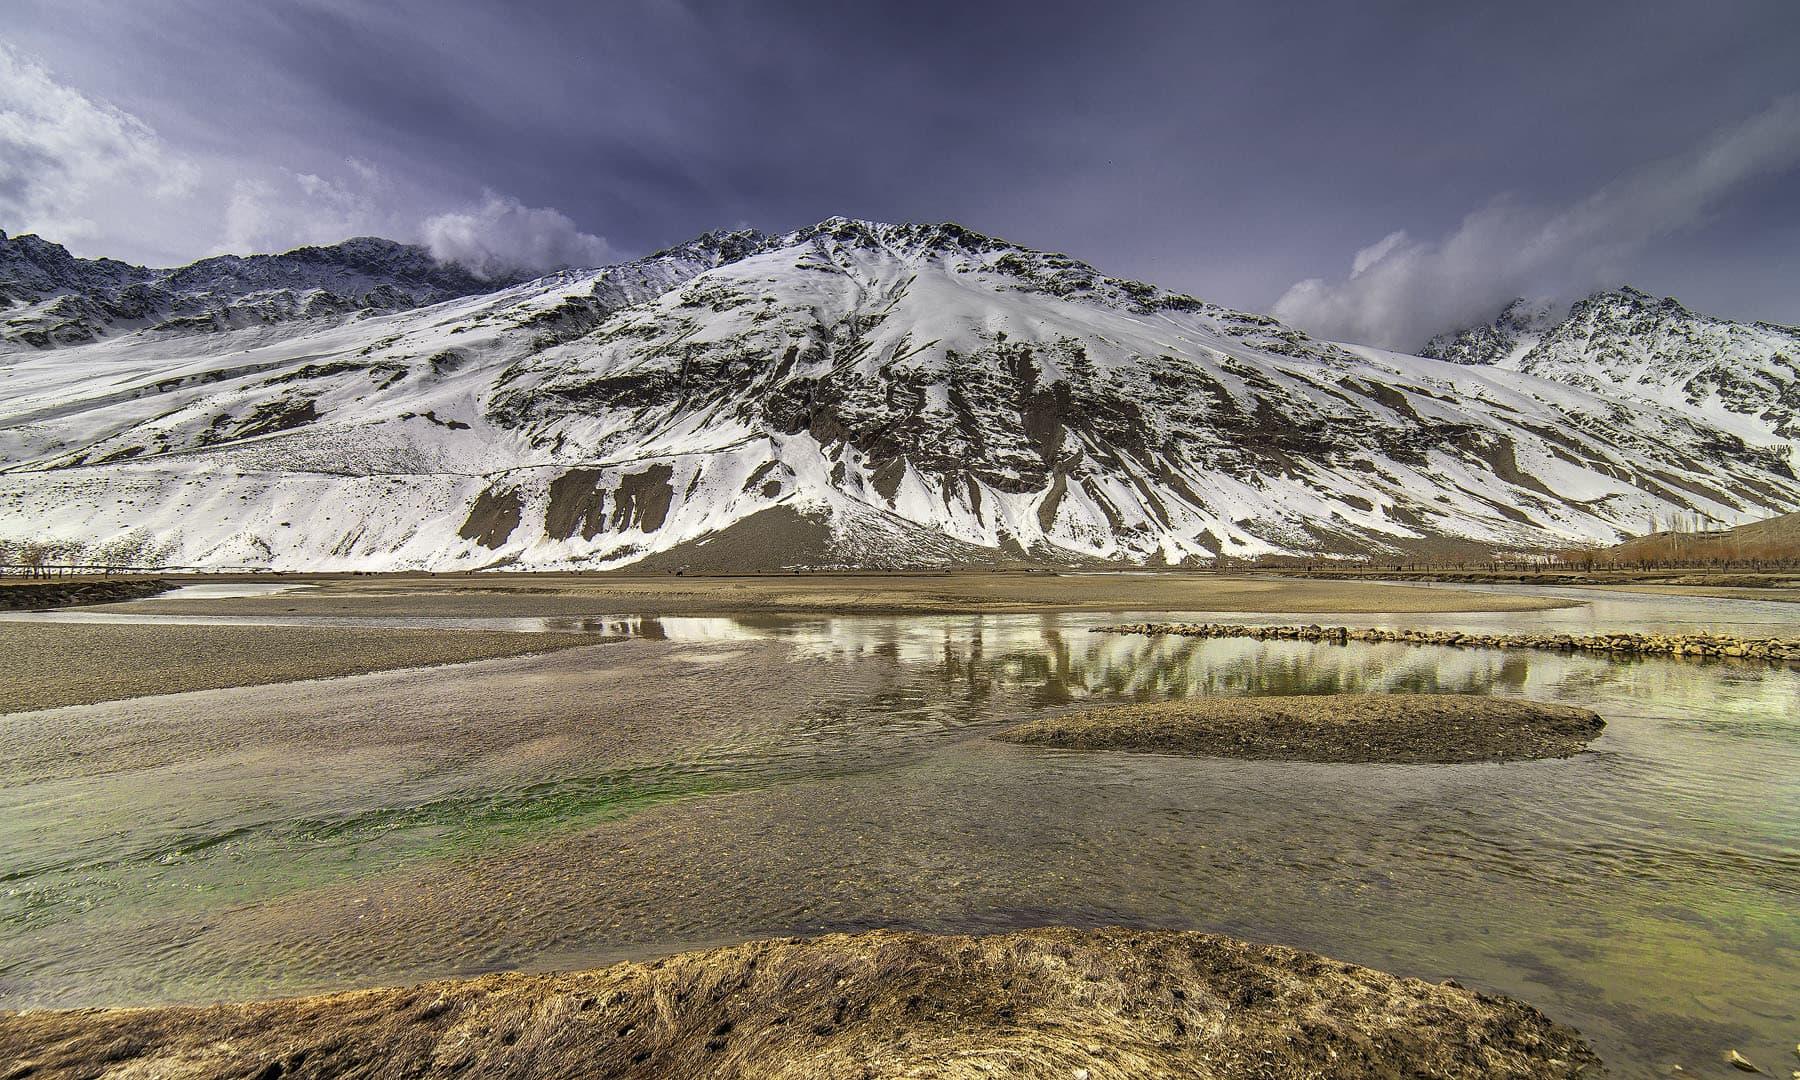 دریائے غذر موسمِ سرما میں— فوٹو سید مہدی بخاری